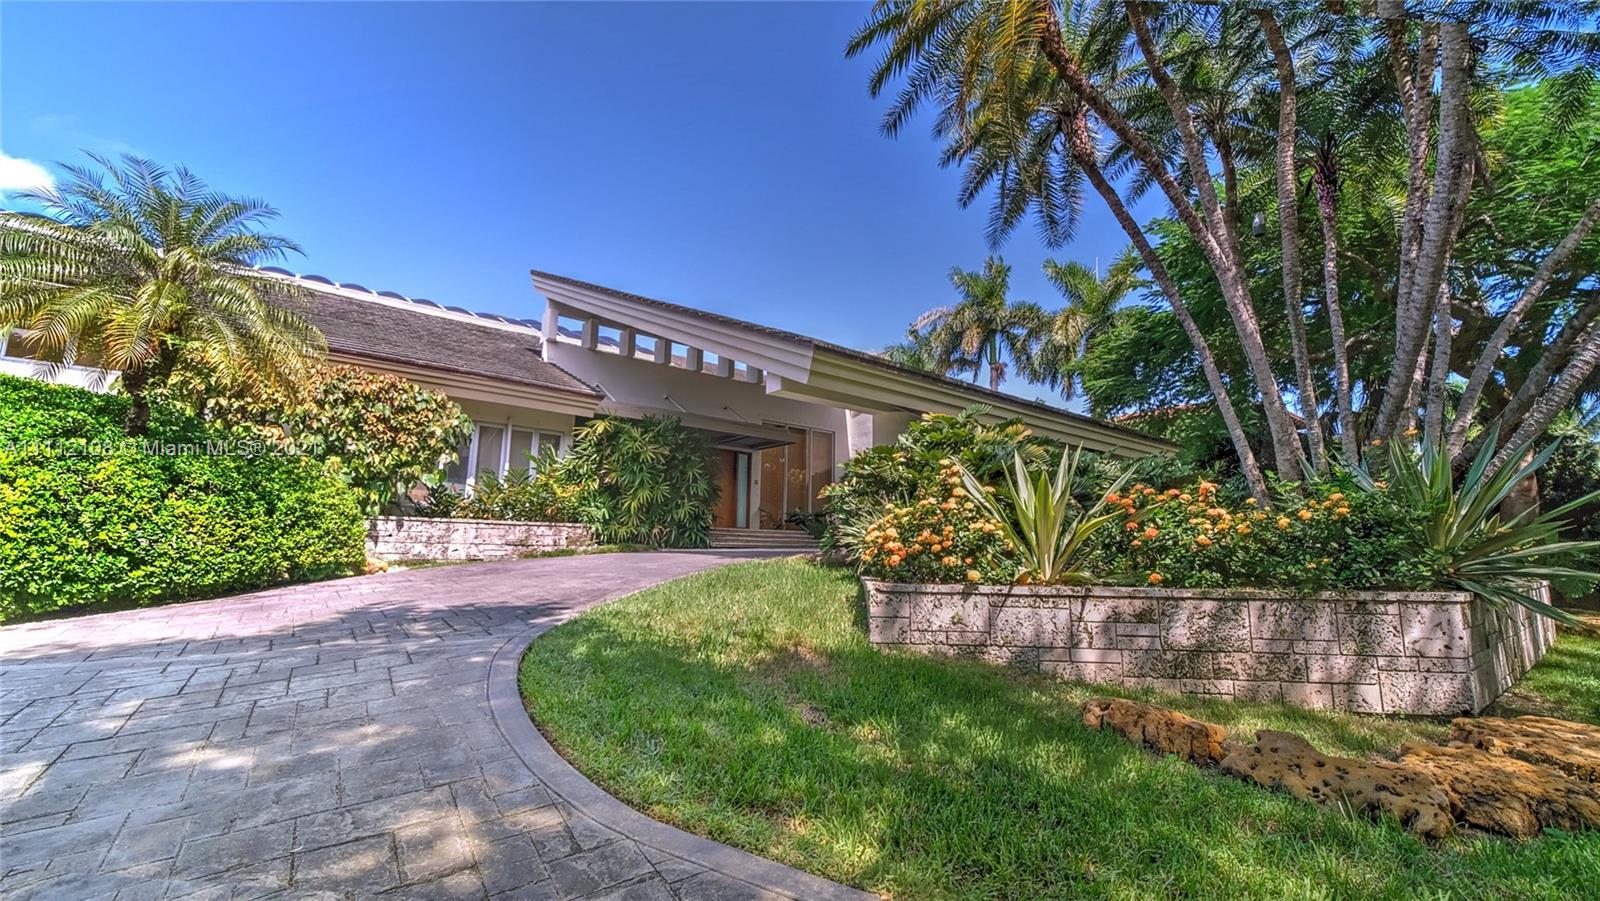 Single Family Home,For Sale,301 Casuarina Concourse, Coral Gables, Florida 33143,Brickell,realty,broker,condos near me